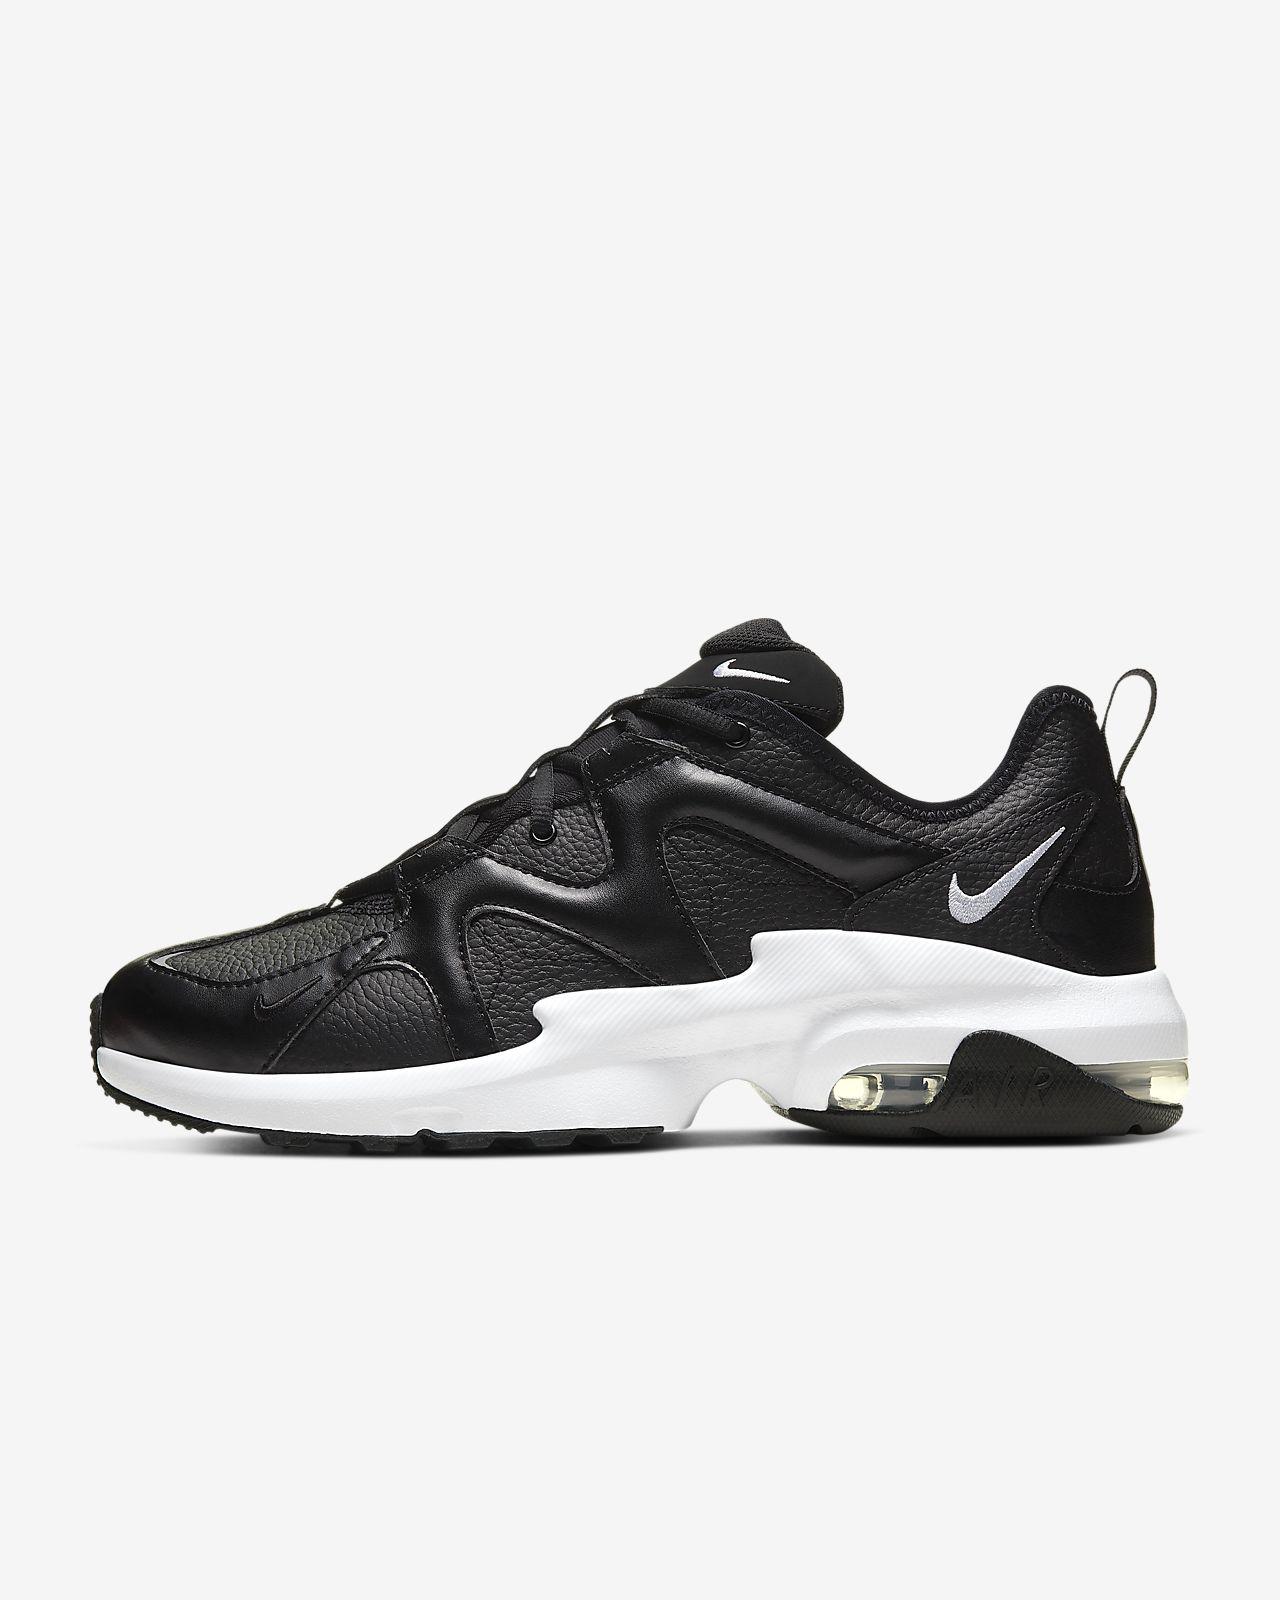 Nike Air Max Graviton Herrenschuh